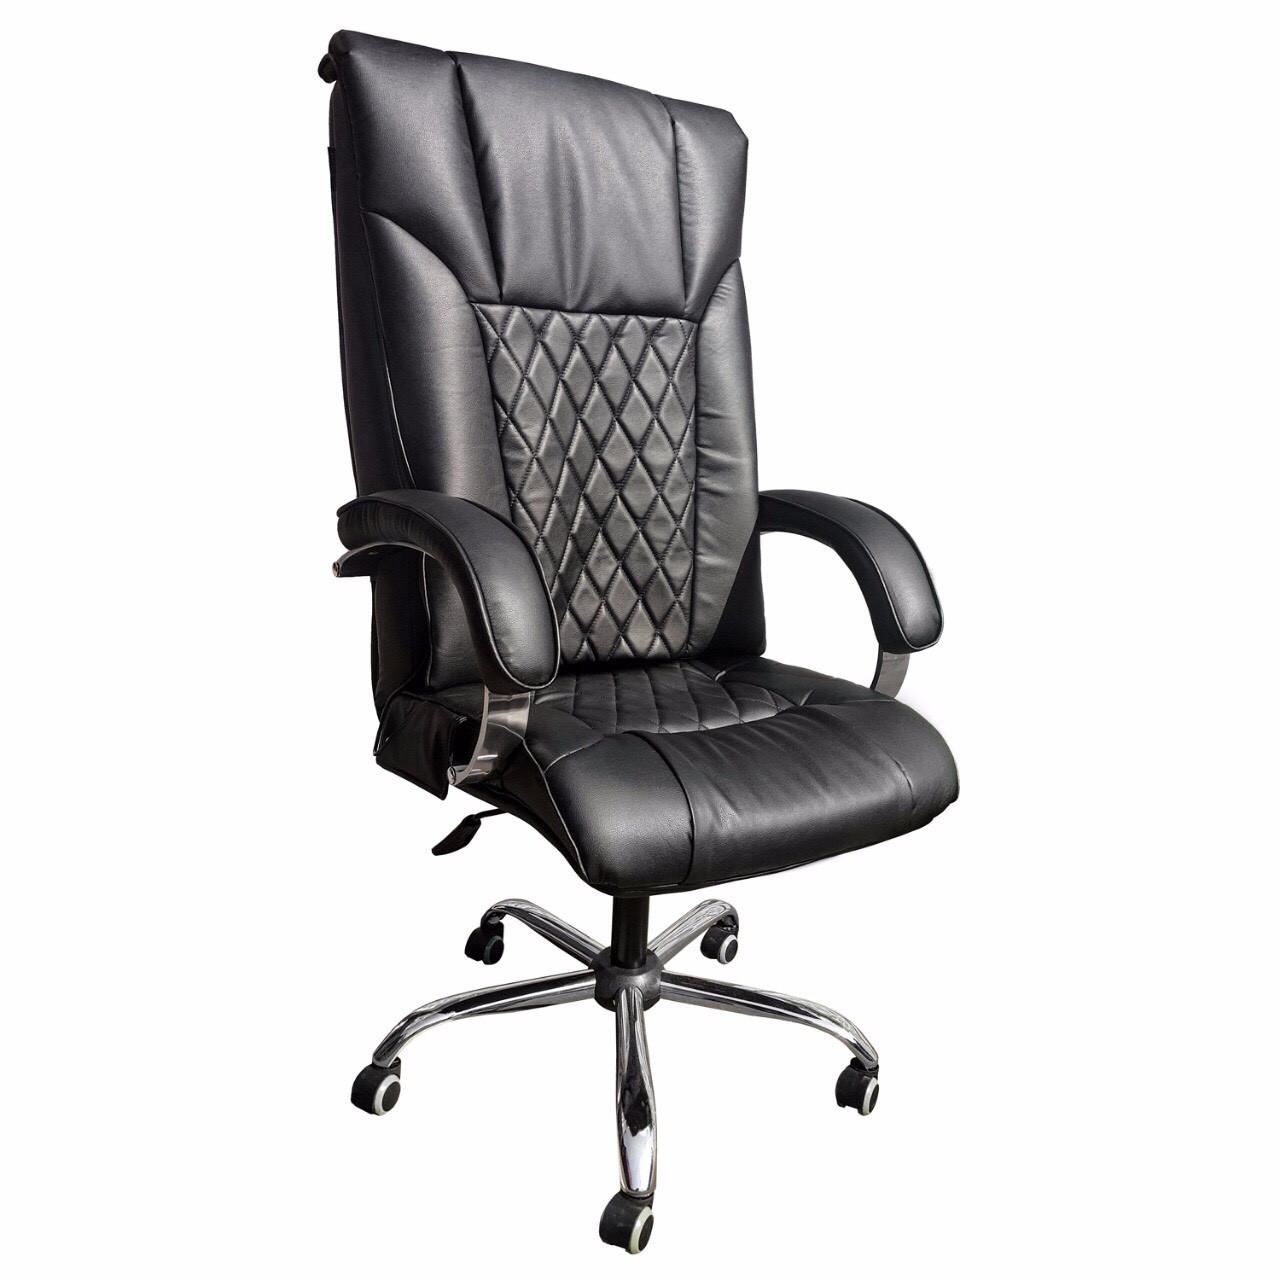 Офисное массажное кресло UK Domus EG-1002 LUX Standart - антрацит